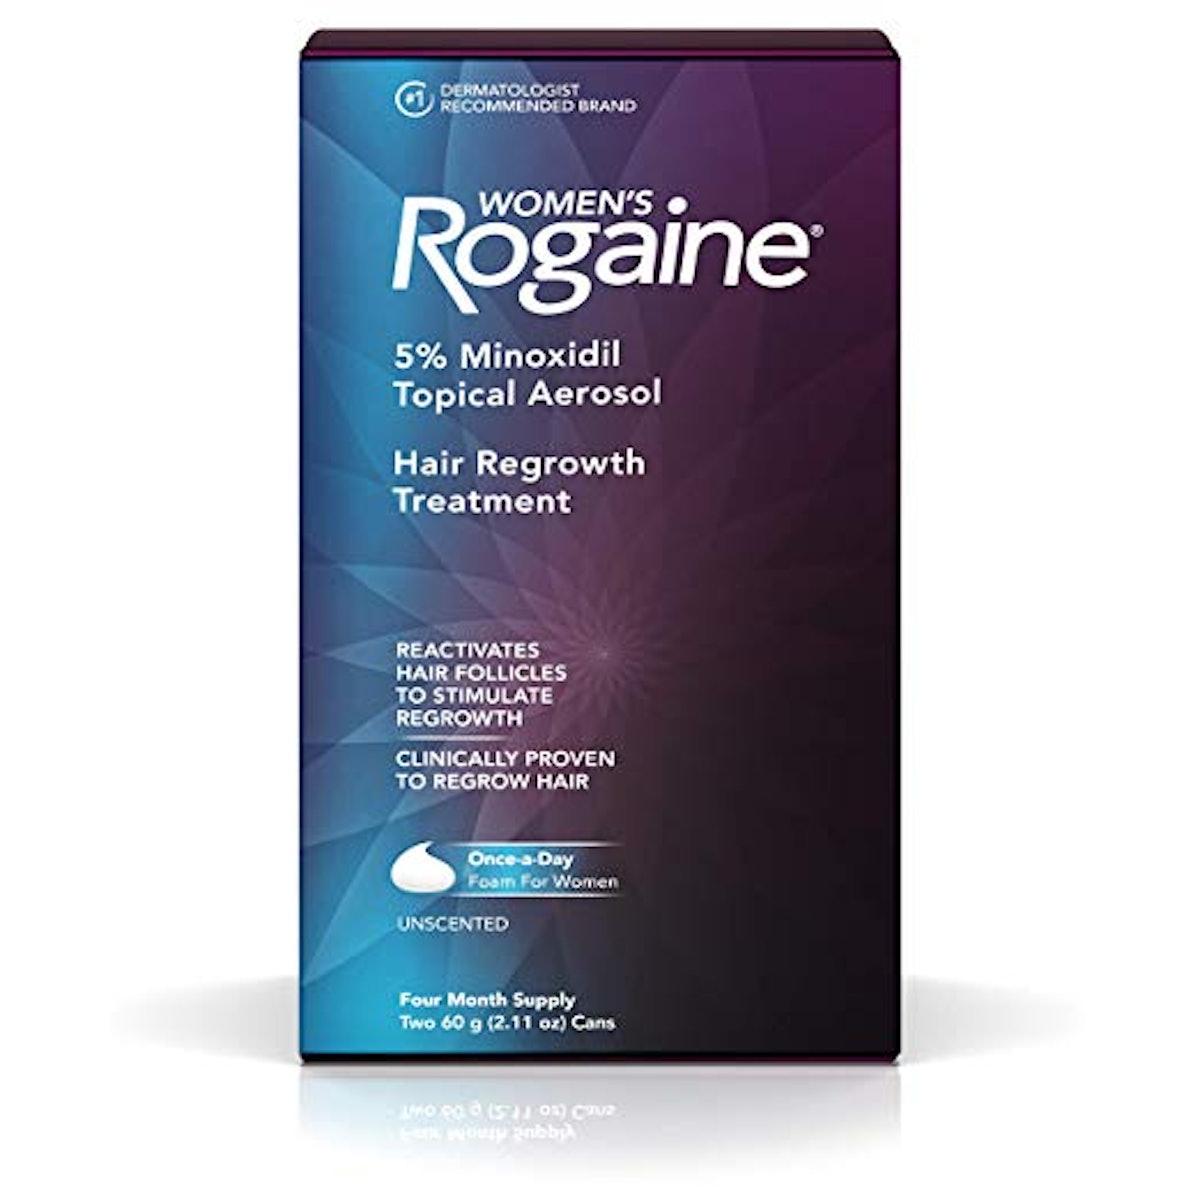 Women's Rogaine 5% Minoxidil Foam